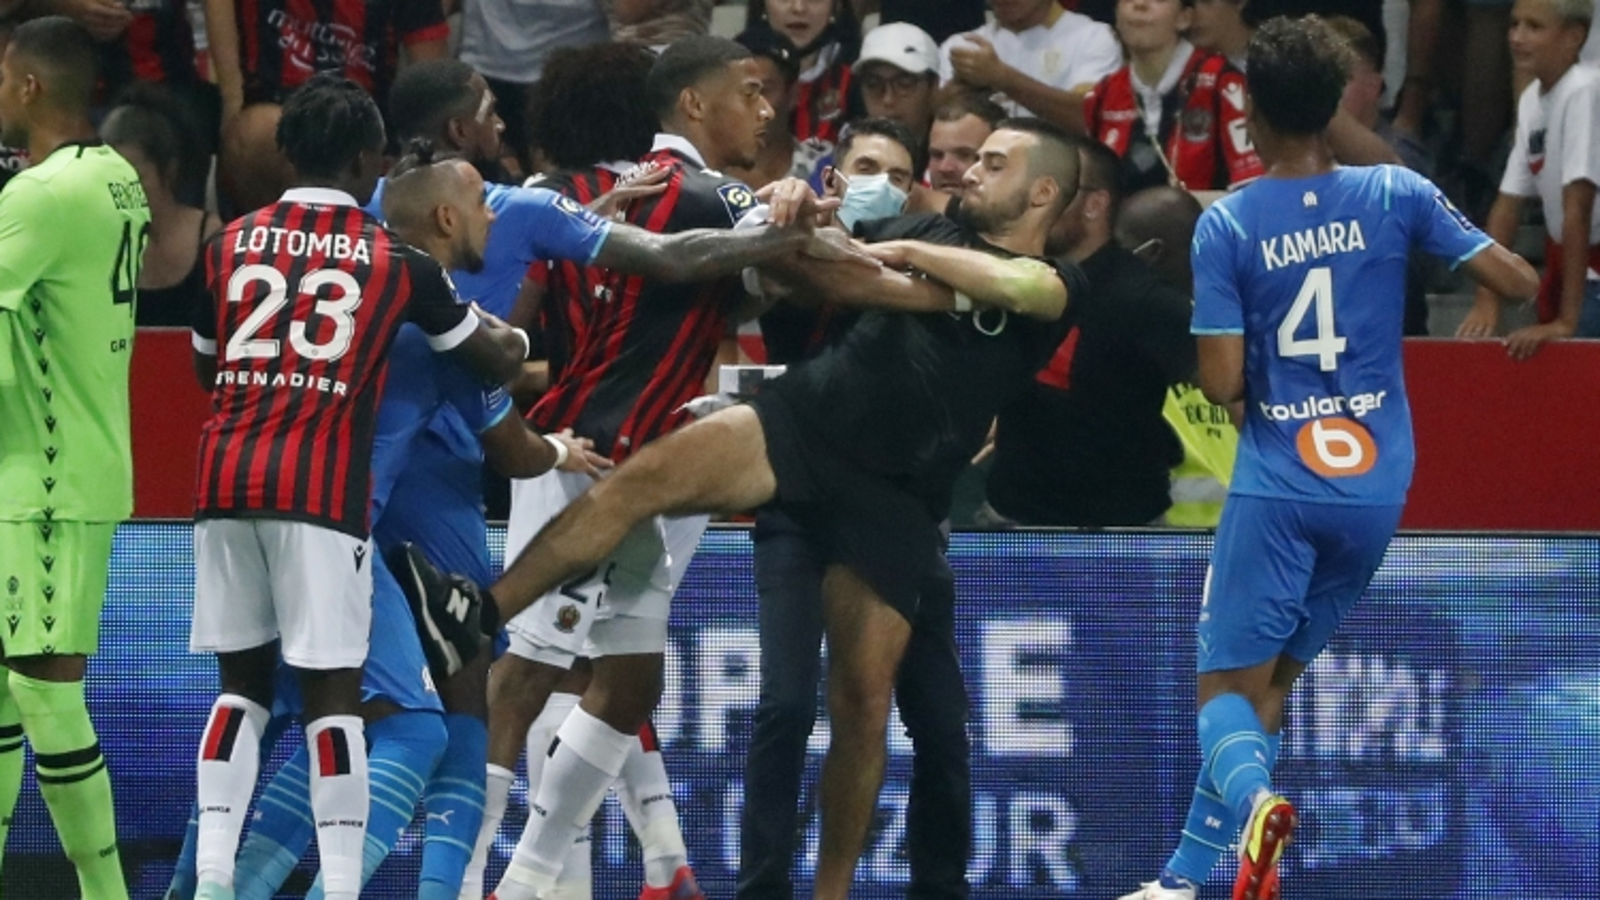 VIDEO: Cổ động viên Nice tấn công Dimitri Payet và các cầu thủ Marseille